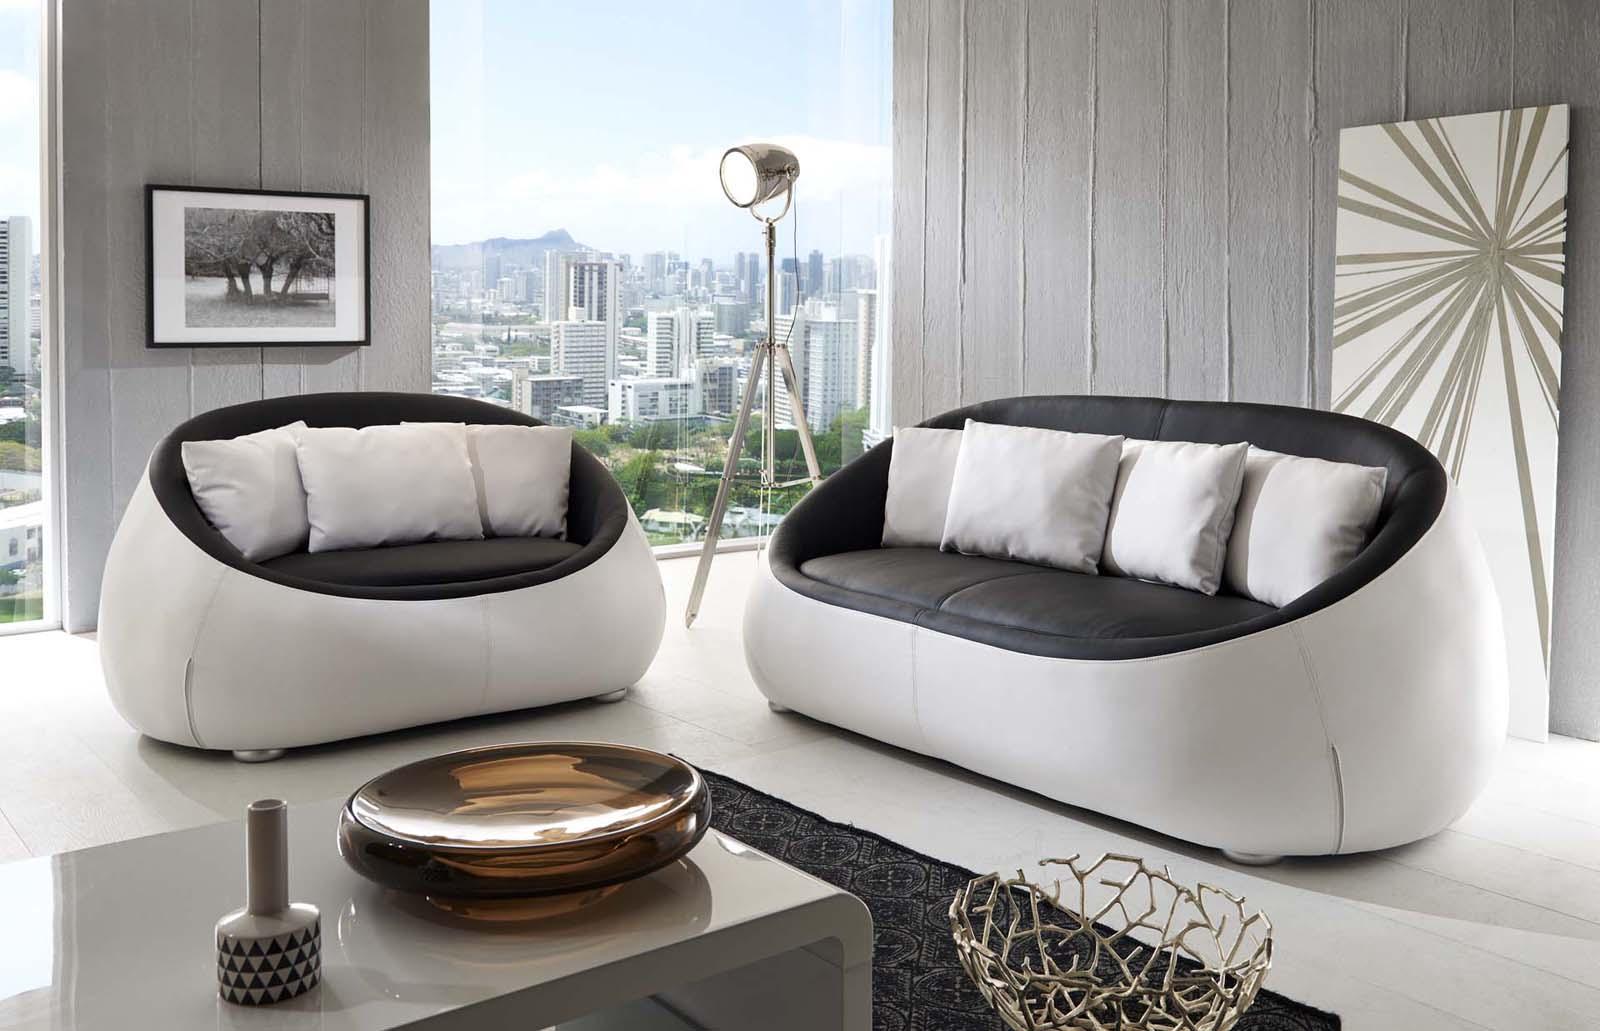 https://www.stilartmoebel.de/images/product_images/original_images/50912319_2.jpg - Schwarz Wei Sofa